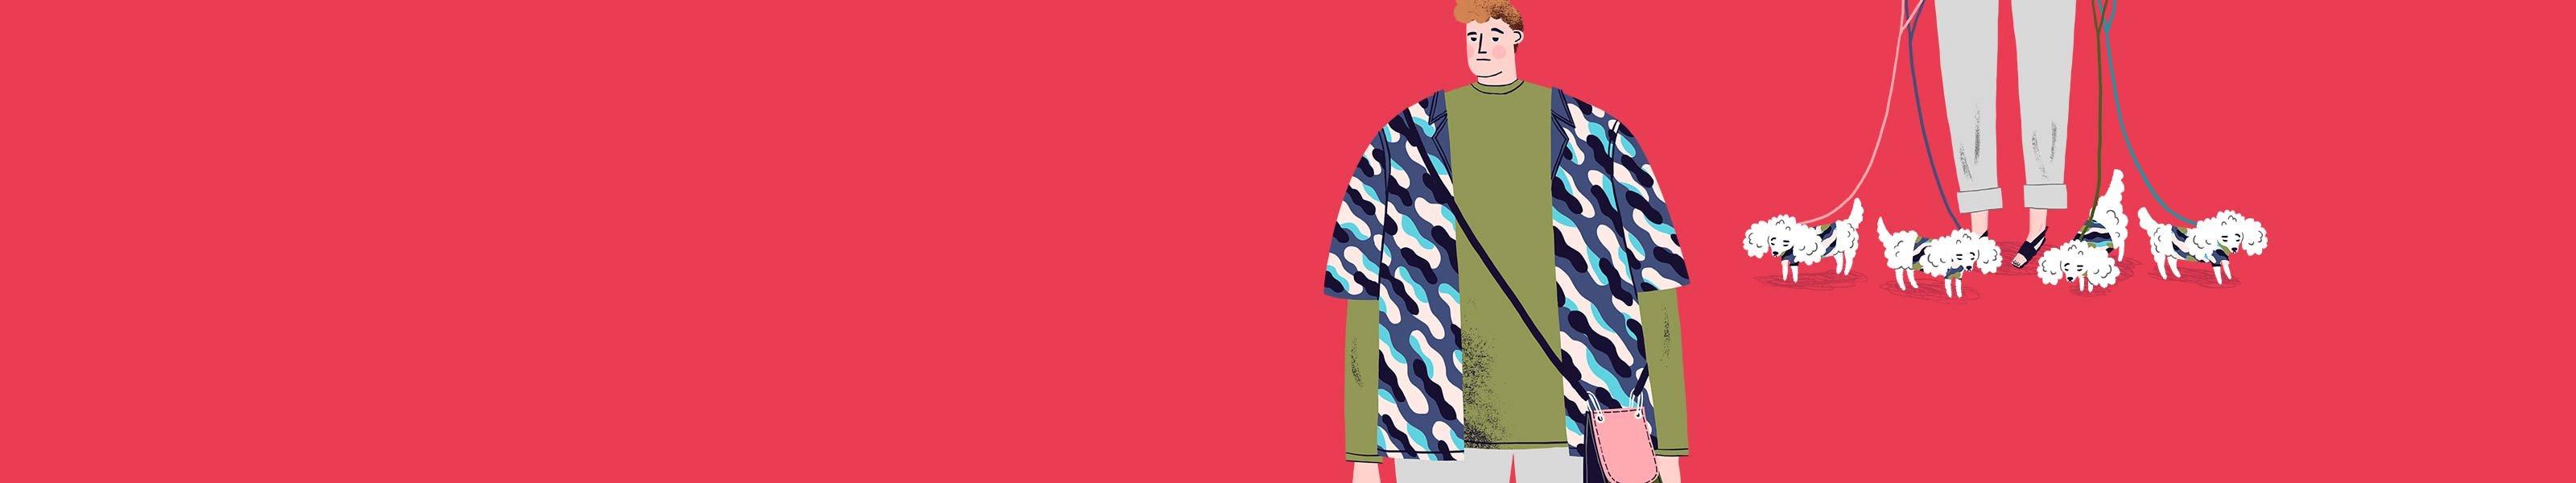 Collezione uomo Taglia 199 | Scoprila su Zalando